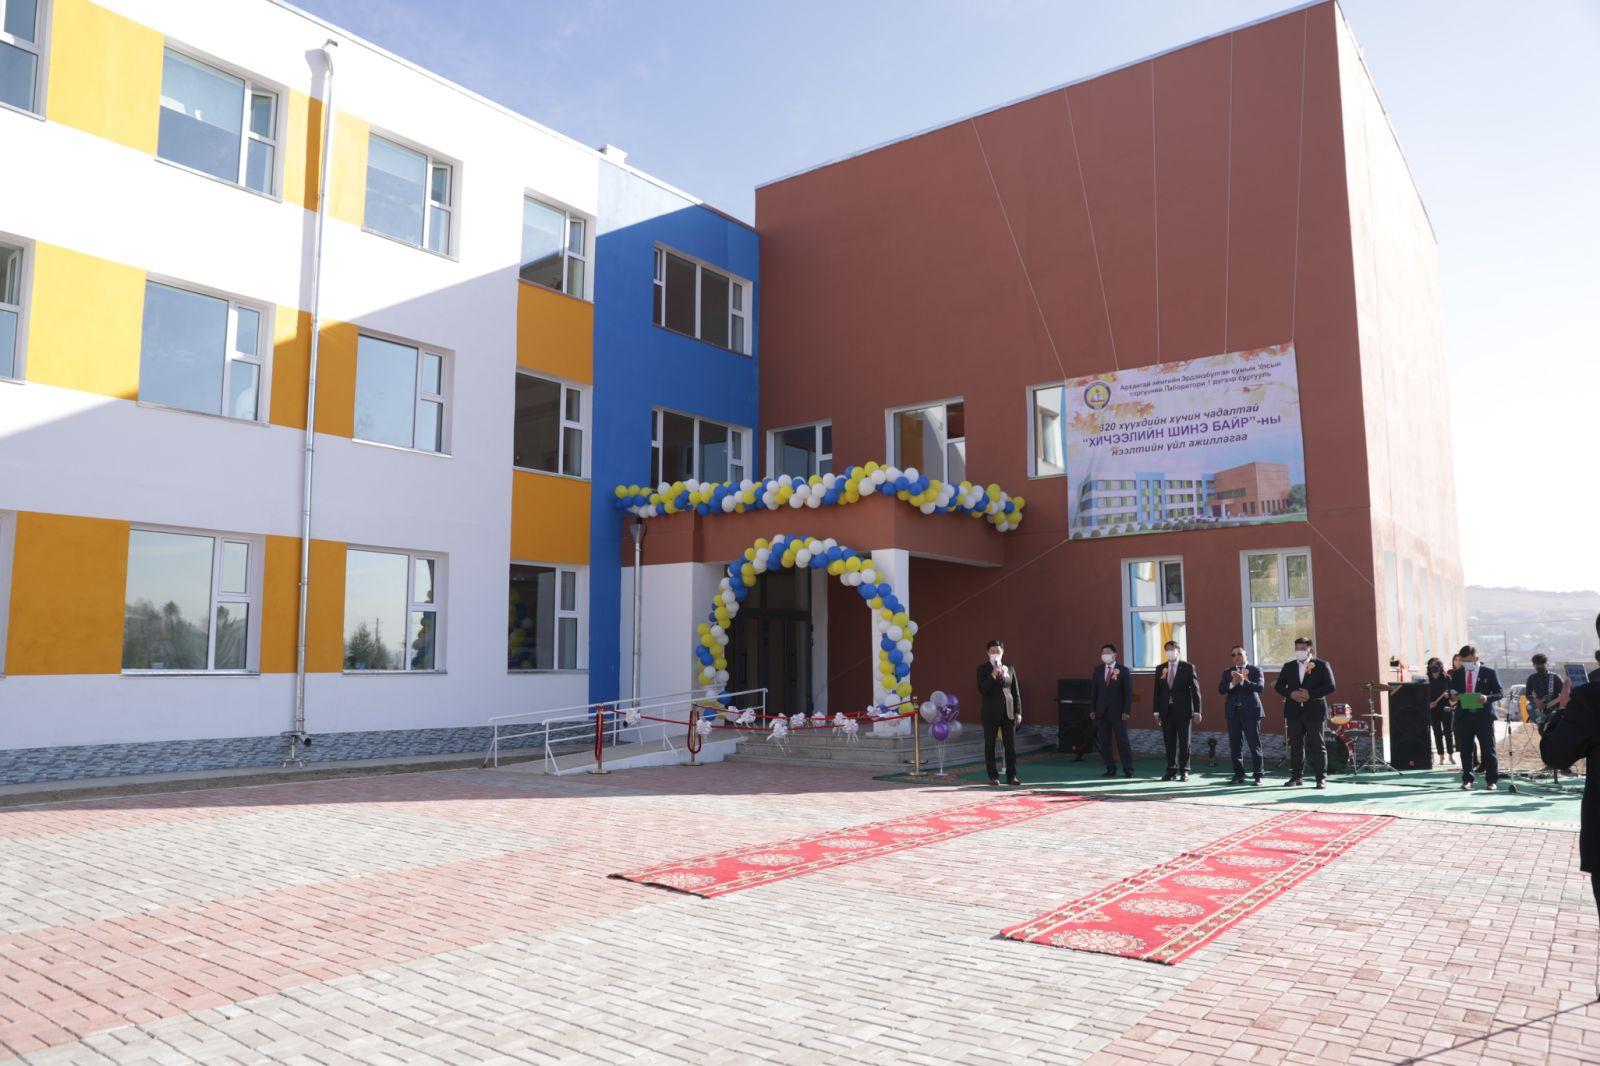 Архангай аймгийн Эрдэнэбулган сумын лаборатори нэгдүгээр сургуулийн 320 хүүхдийн суудалтай өргөтгөлийн барилгын нээлт боллоо